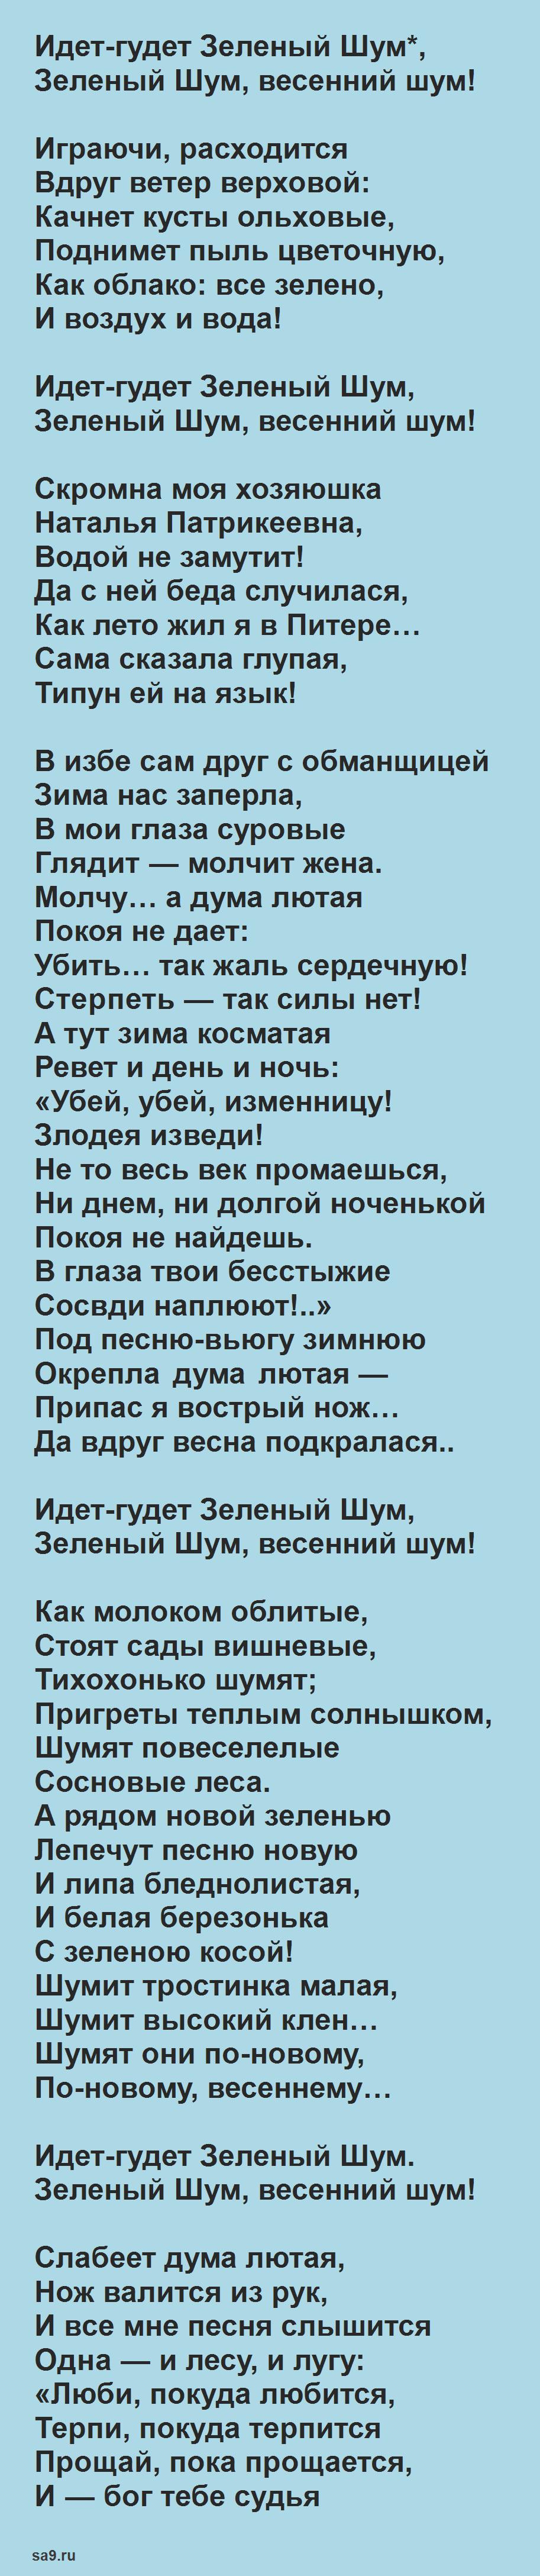 Стихи Некрасова для детей - Зеленый шум